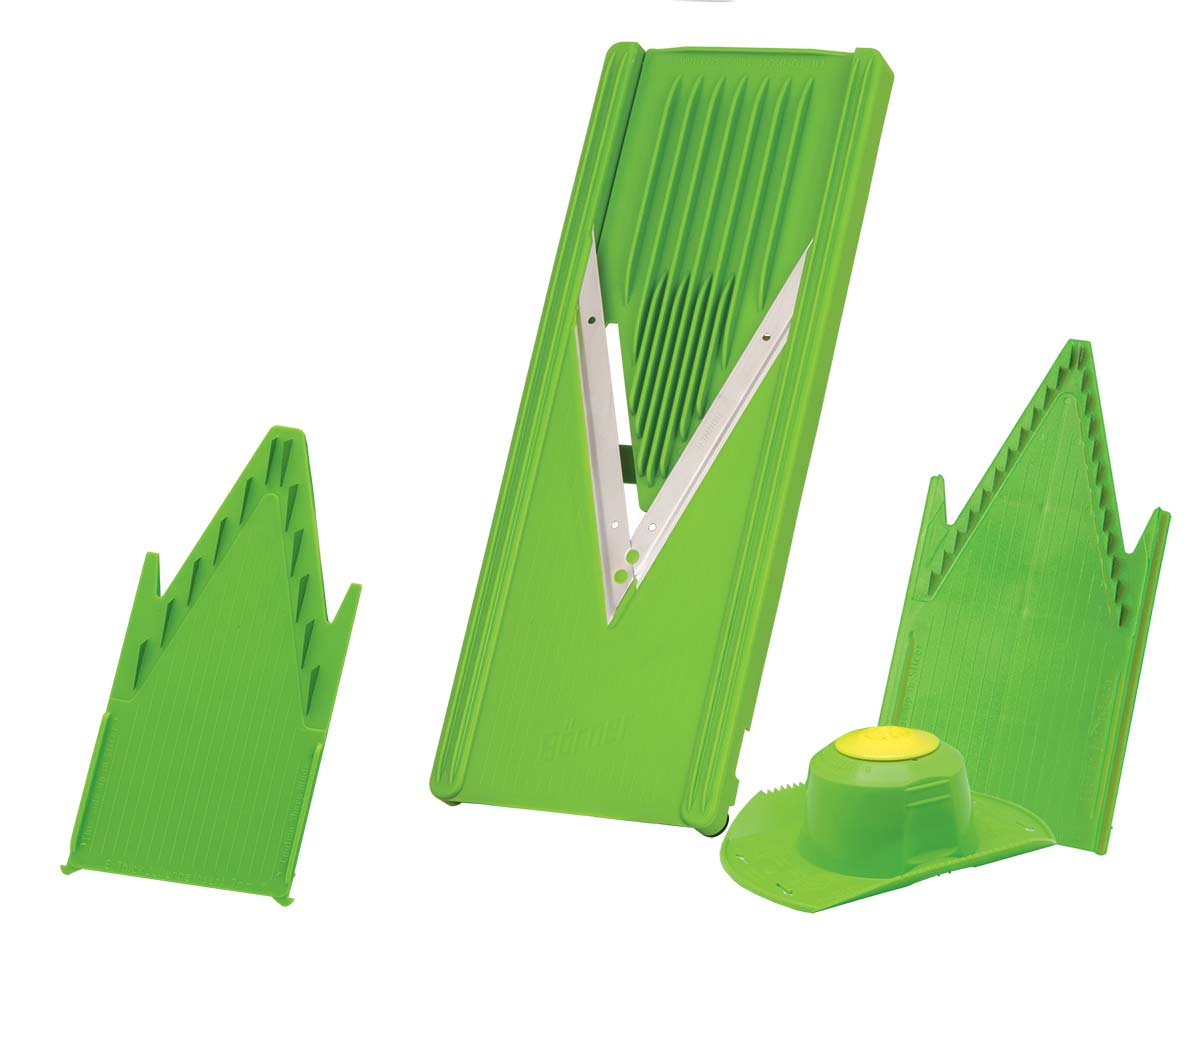 Овощерезка Borner Classic, цвет: салатовый, 5 предметов420660Базовый комплект овощерезки Borner Classic уже более 30 лет пользуется неизменной популярностью домохозяек.Удобен, доступен. 12 видов нарезки.Проверенное годами безупречное немецкое качество.Корпус овощерезки выполнен из пищевого полистирола.Базовый комплект овощерезки состоит из 5-ти предметов: - Рамы V (в которую вставляются вставки) - Безопасного плододержателя - Вставки безножевой (для шинковки капусты, нарезки из любых продуктов колечек, пластов и ломтиков)- Вставки с ножами 7 мм (для нарезки длинных или коротких брусочков, крупных кубиков)- Вставки с ножами 3,5 мм.Этот комплект овощерезки необходим как для каждодневного использования, так и при больших заготовках овощей и фруктов.